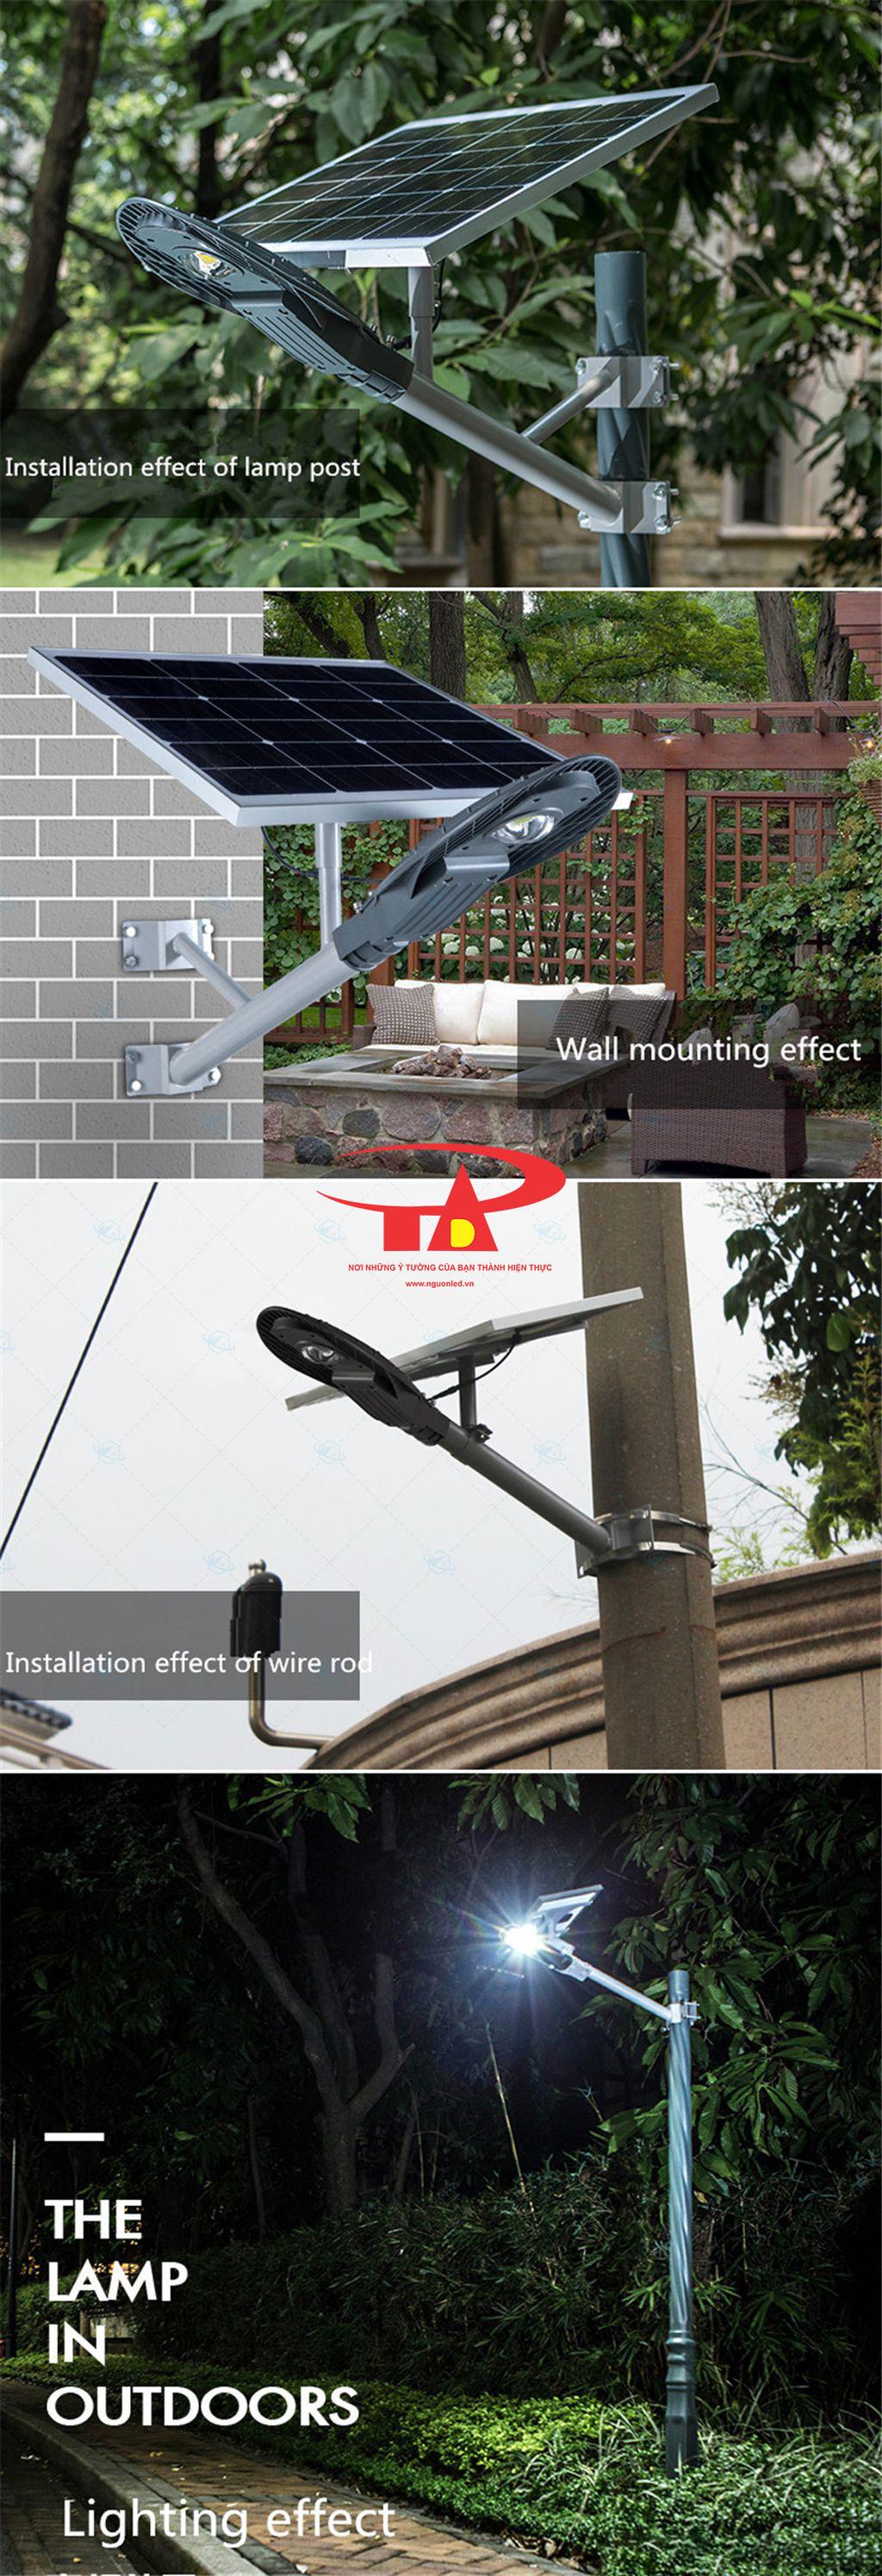 nguyên tắc hoạt động của đèn chiếu đường chiếc lá NLMT 60w hiệu suất tốt, chiếu xa